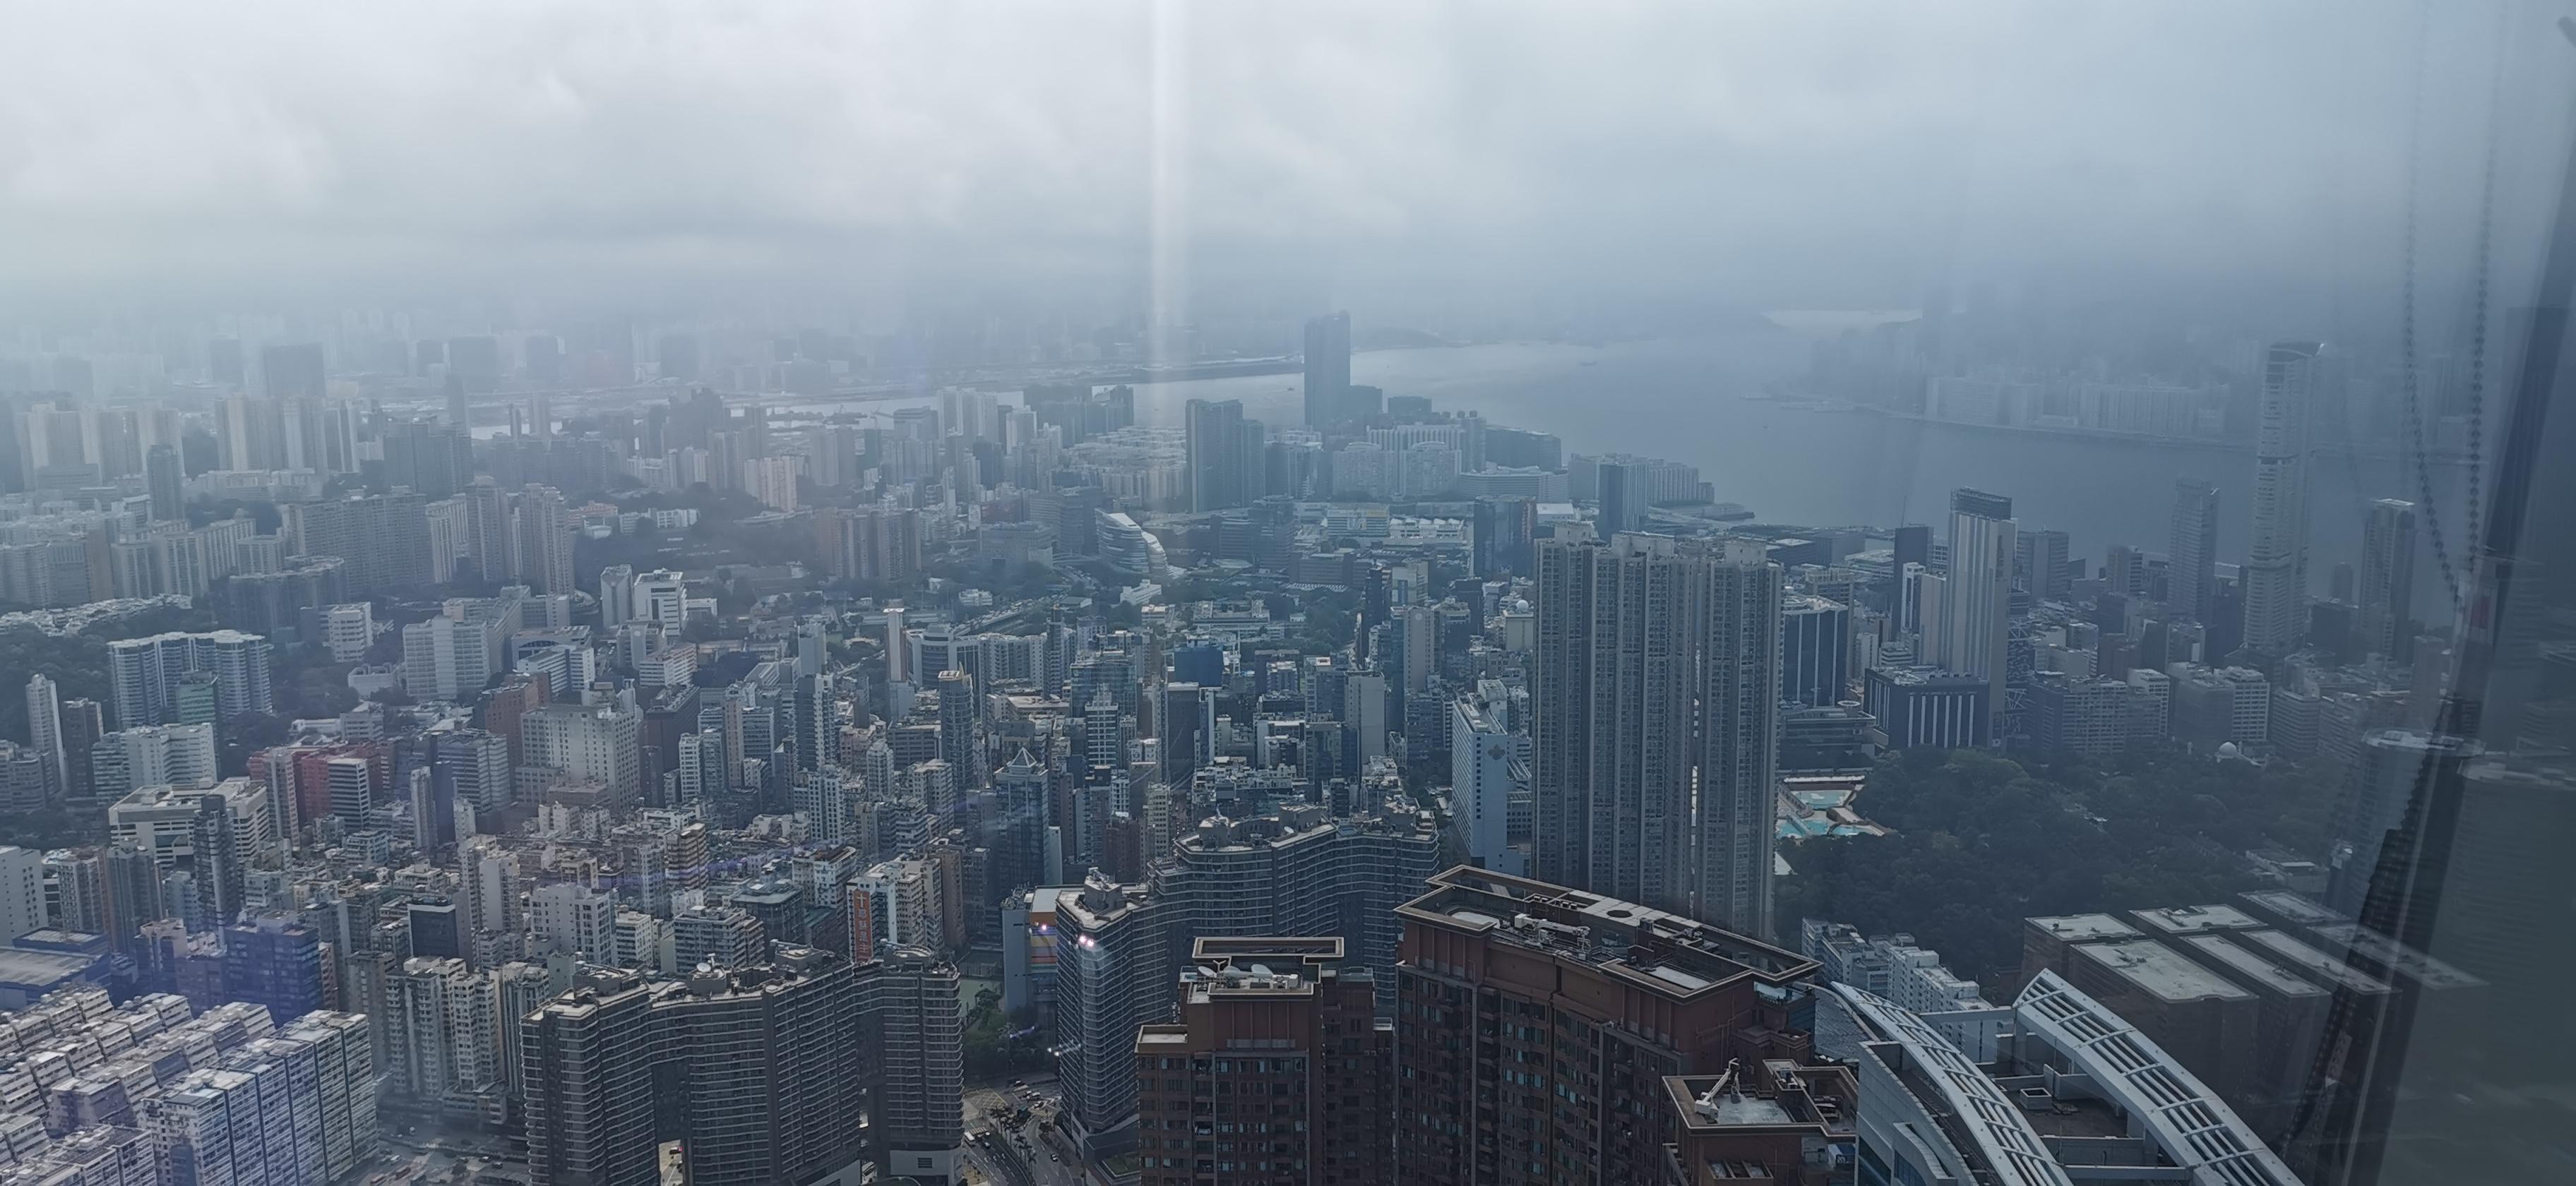 香港專業飛行員協會 ICC 景色